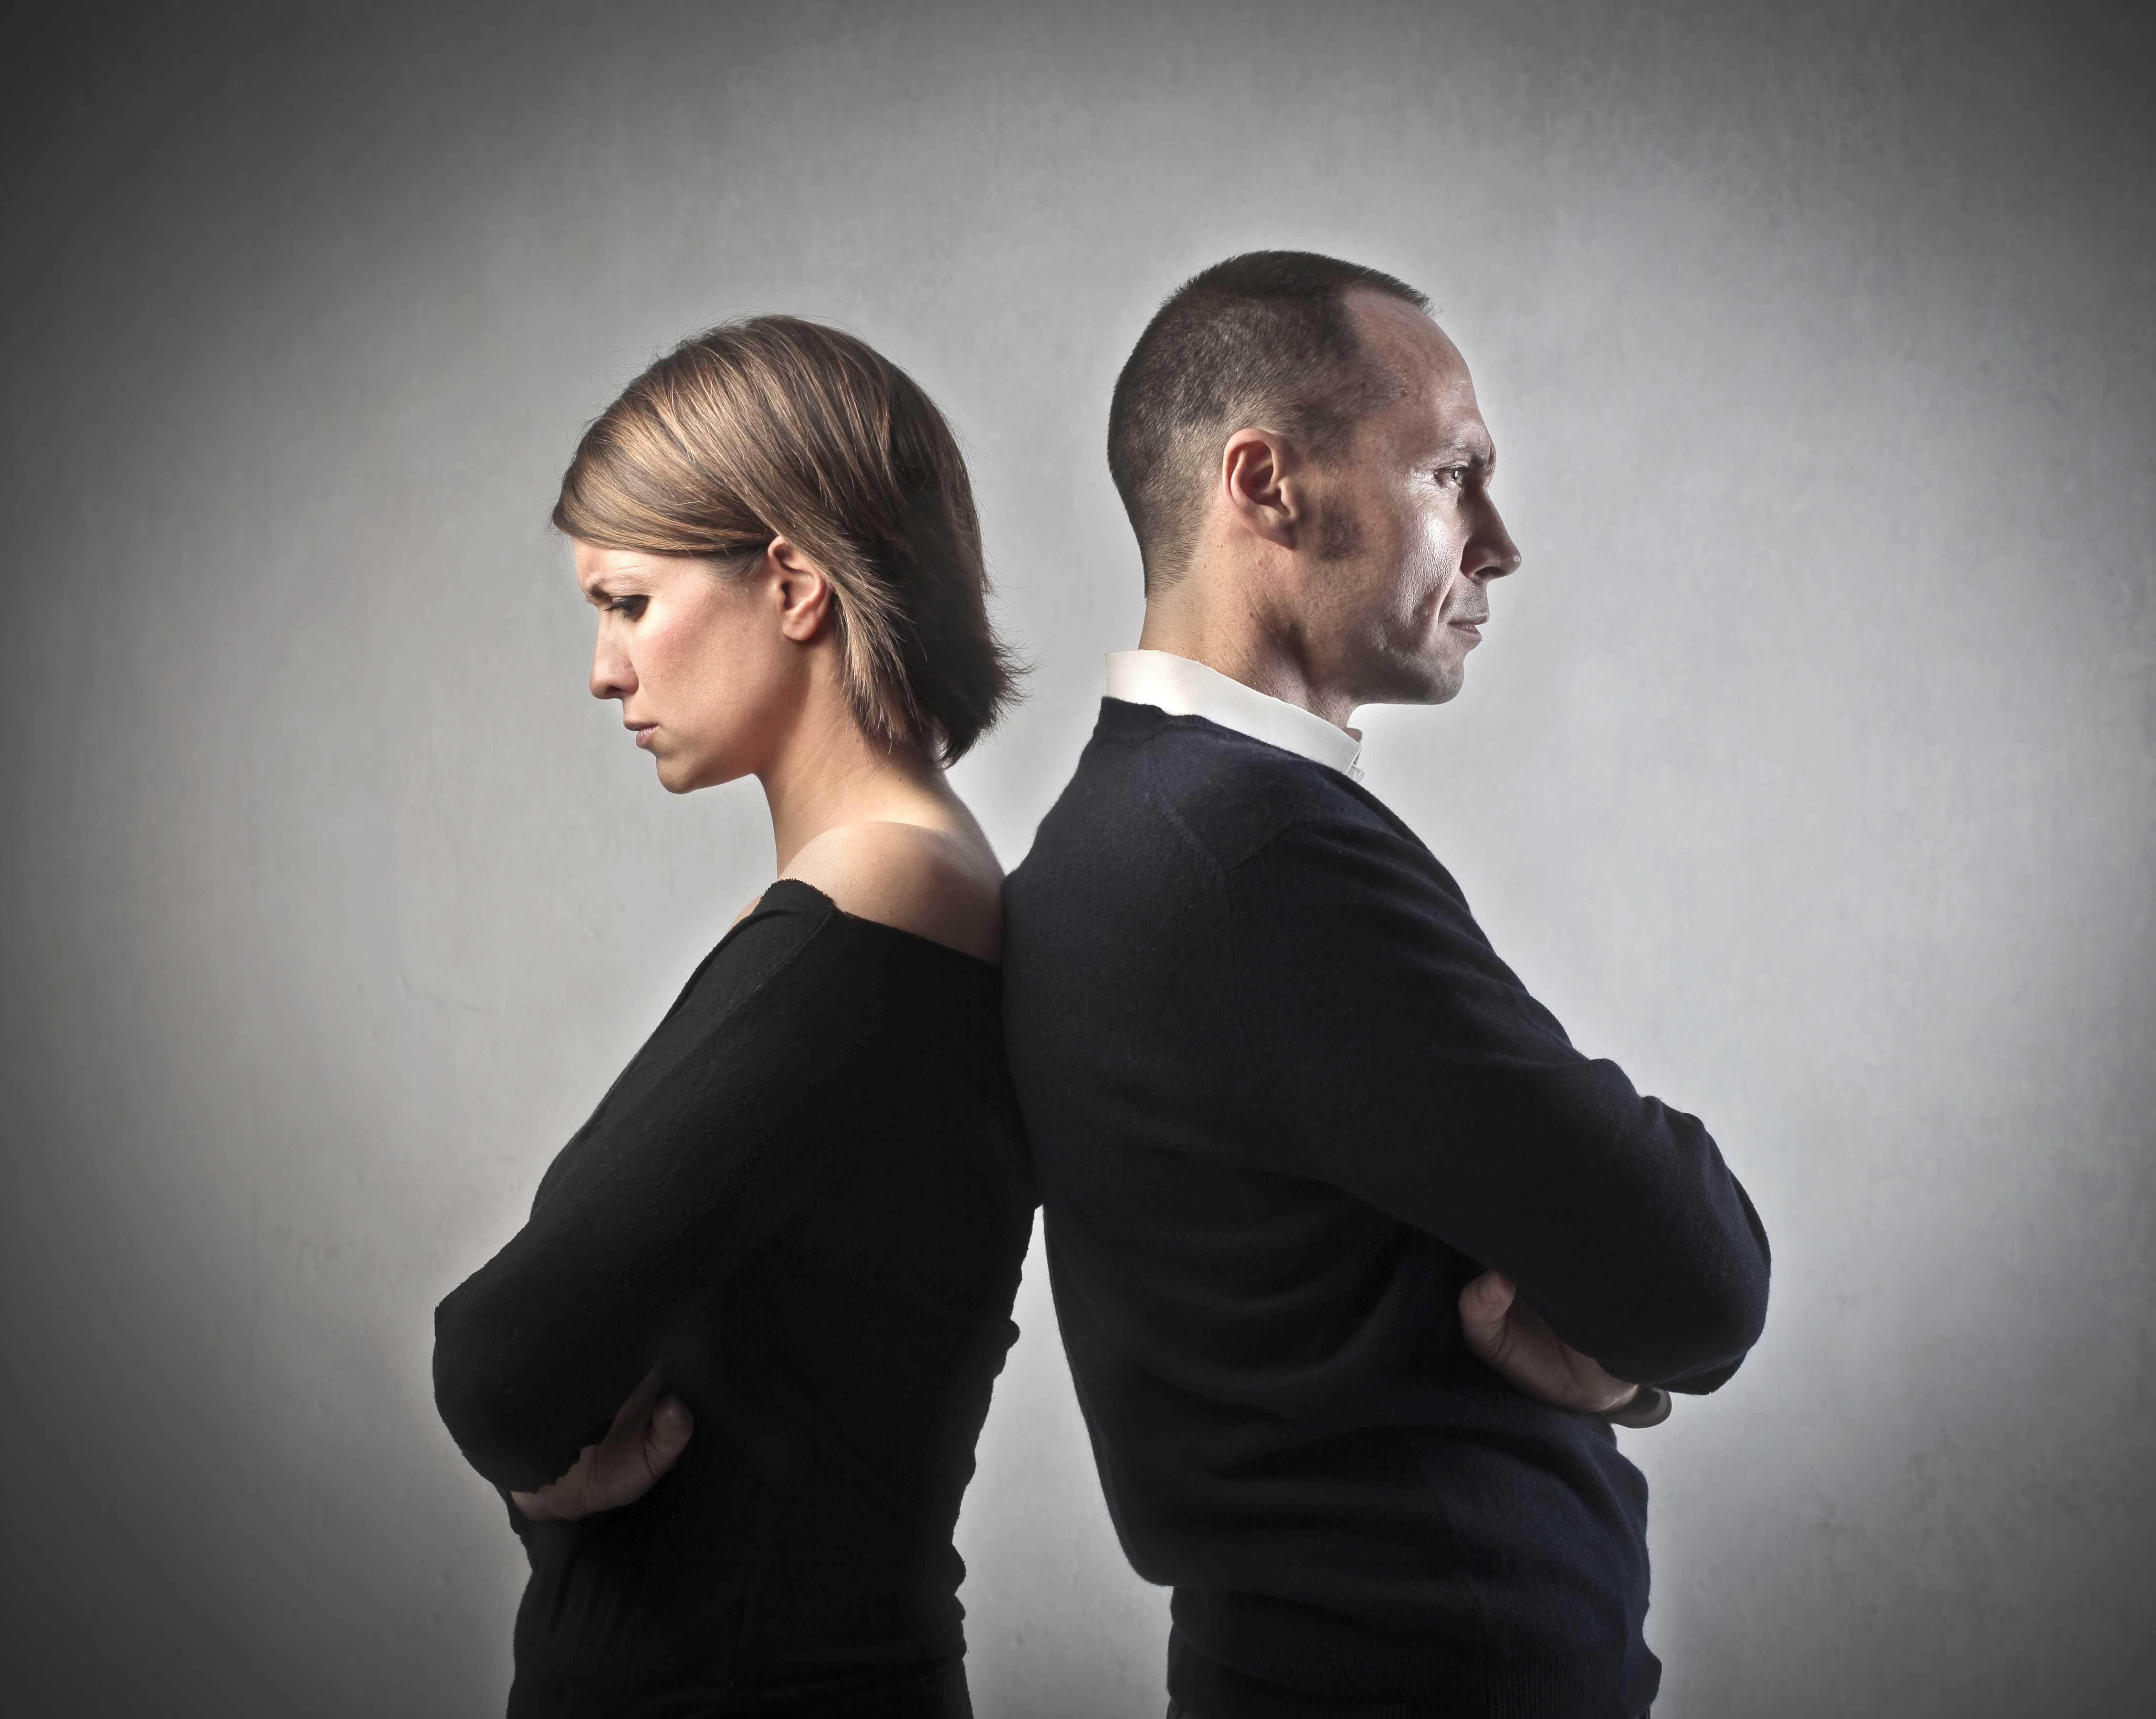 A Couple Going Through Divorce